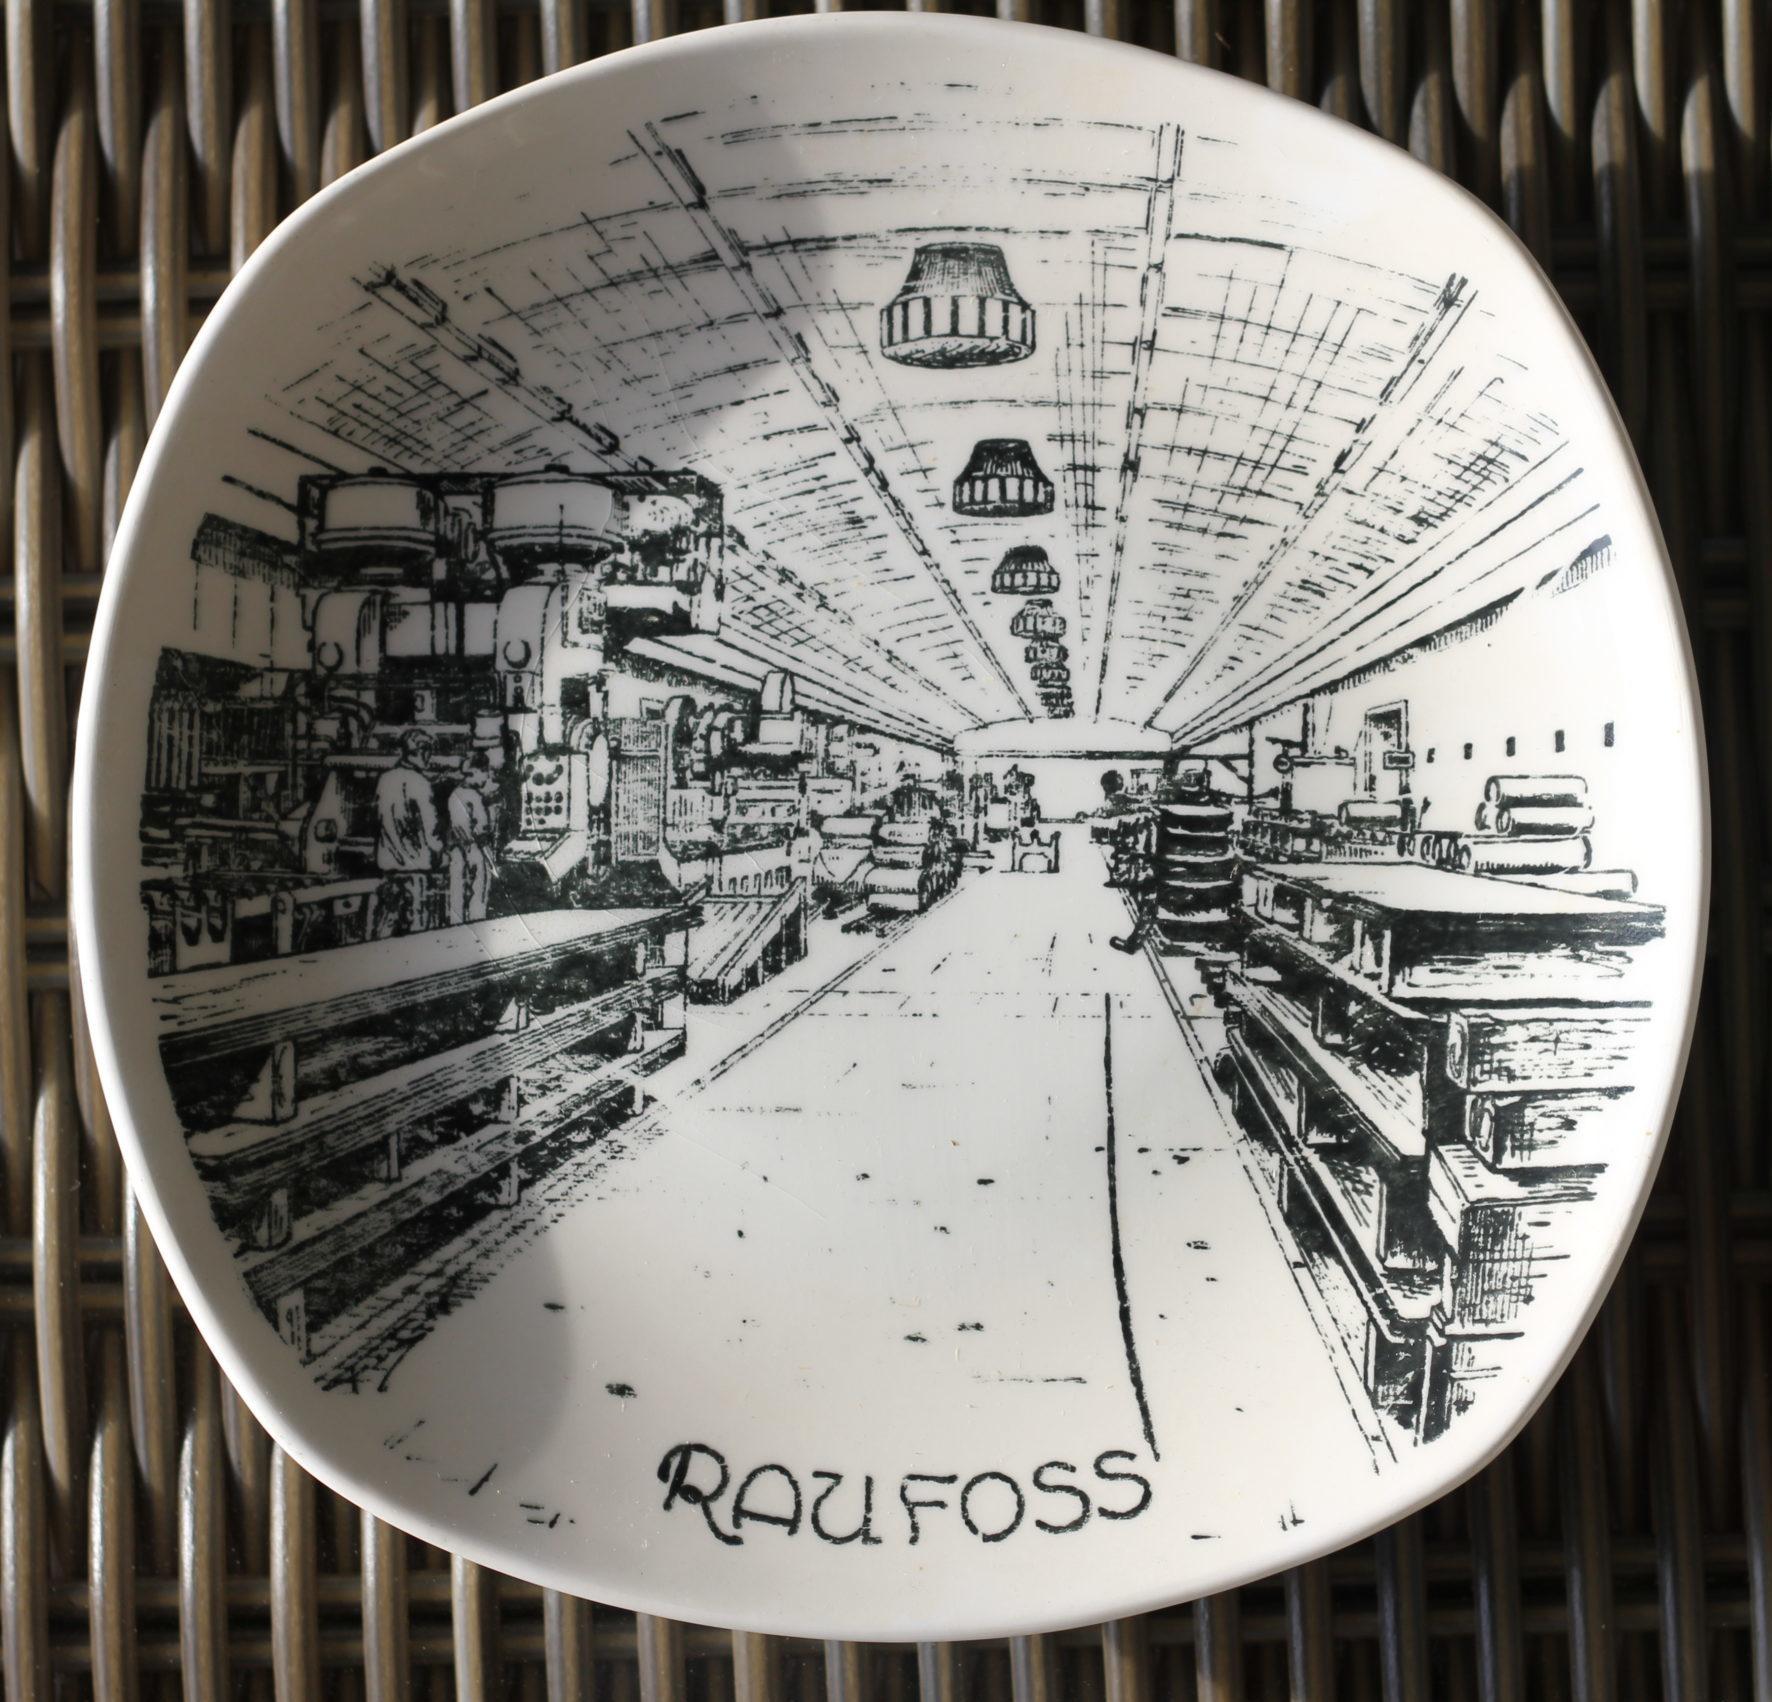 Første valseverket platte utgitt 1982 – Fra valseverkhallen i Fjellanlegget